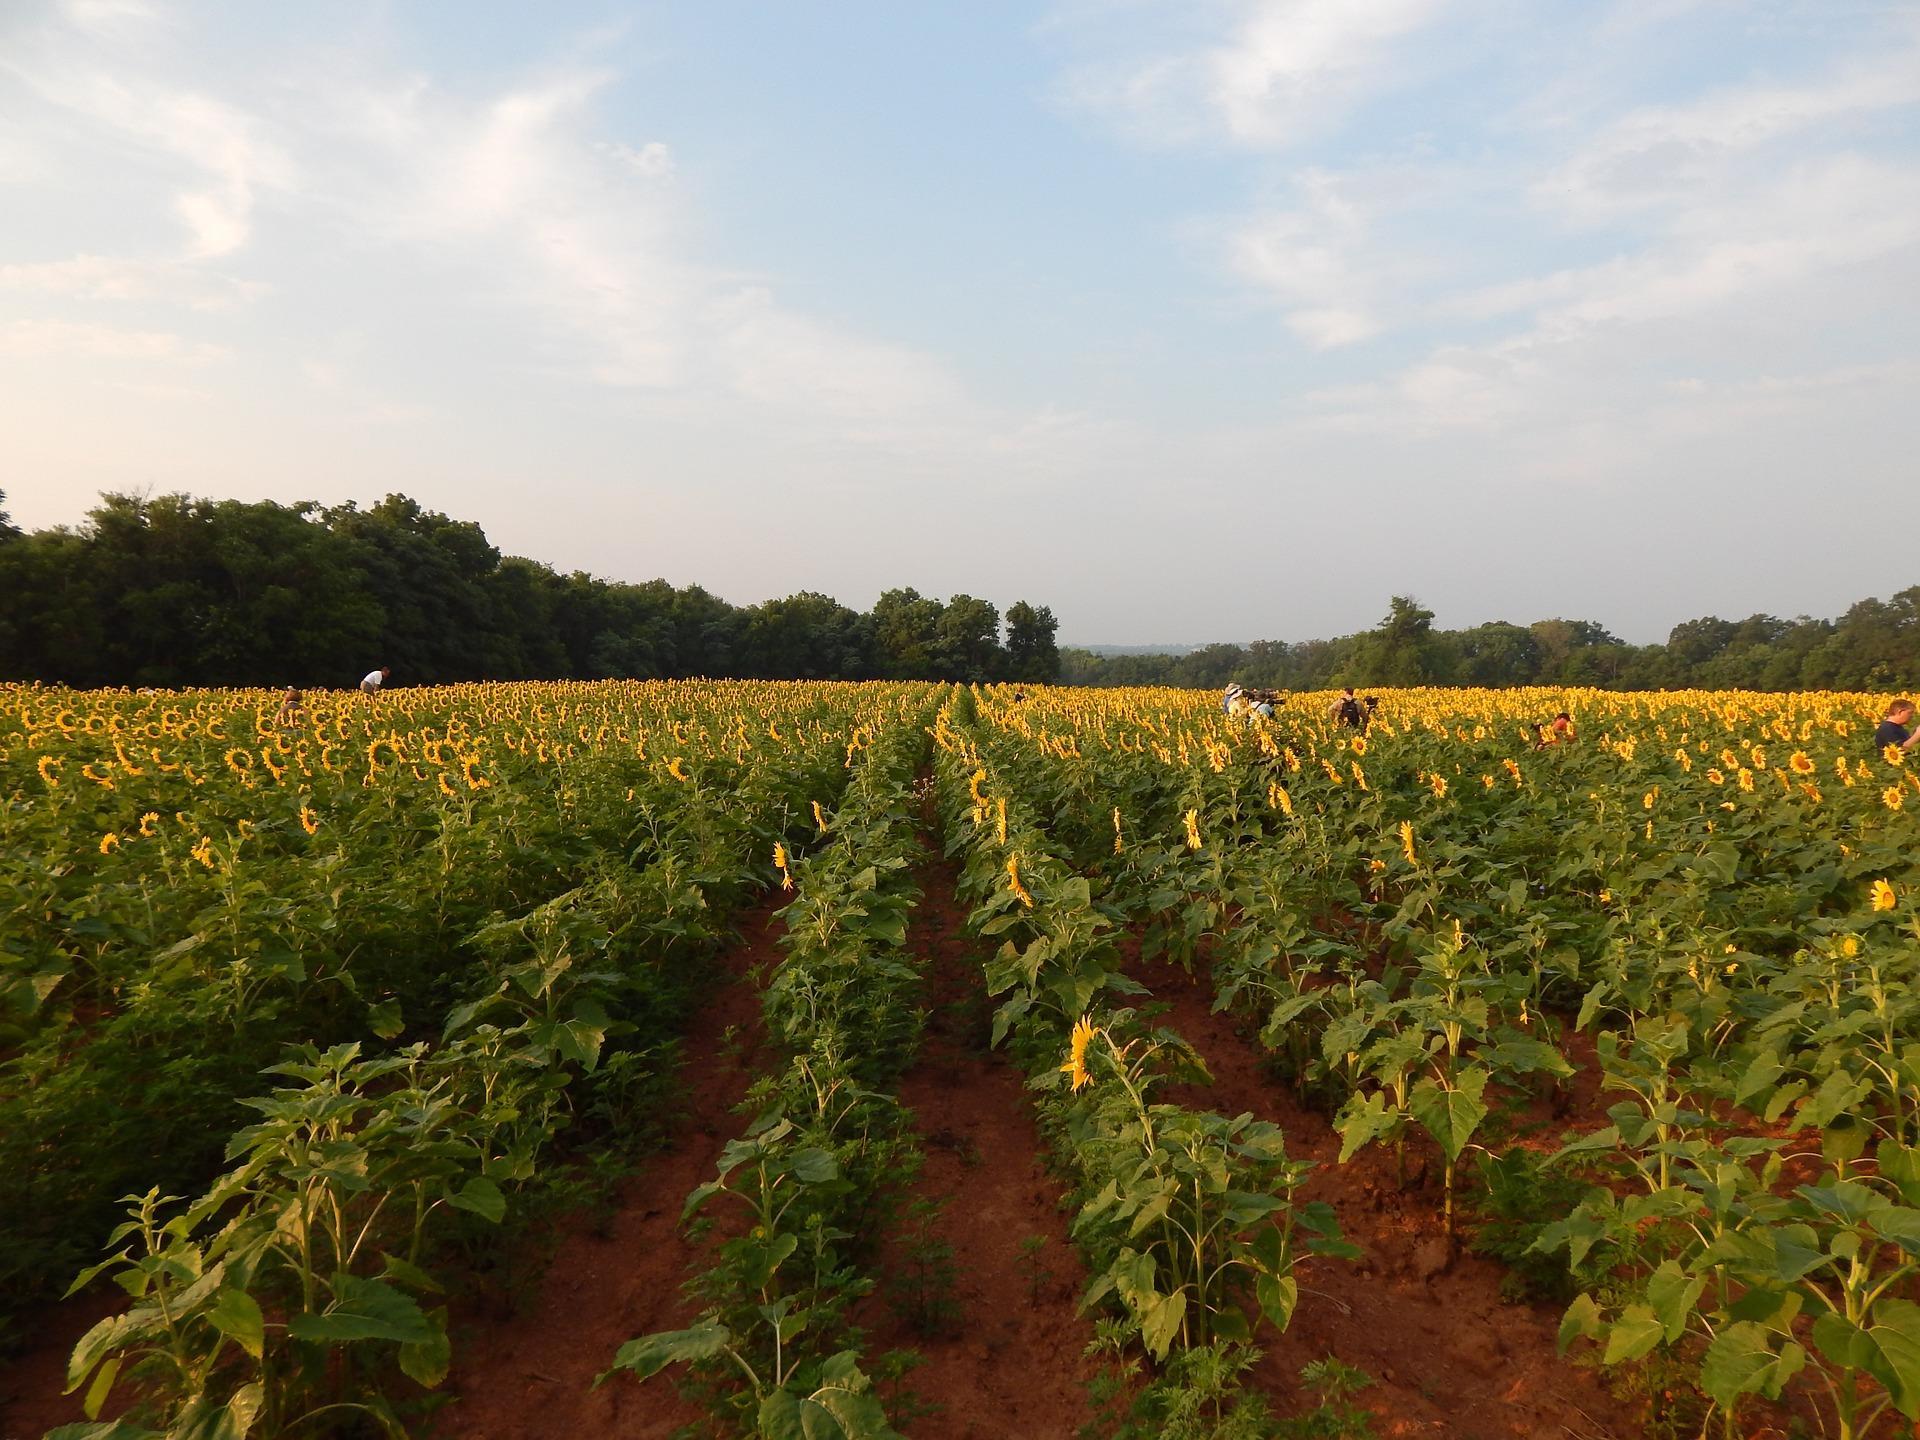 sunflowers-707443_1920